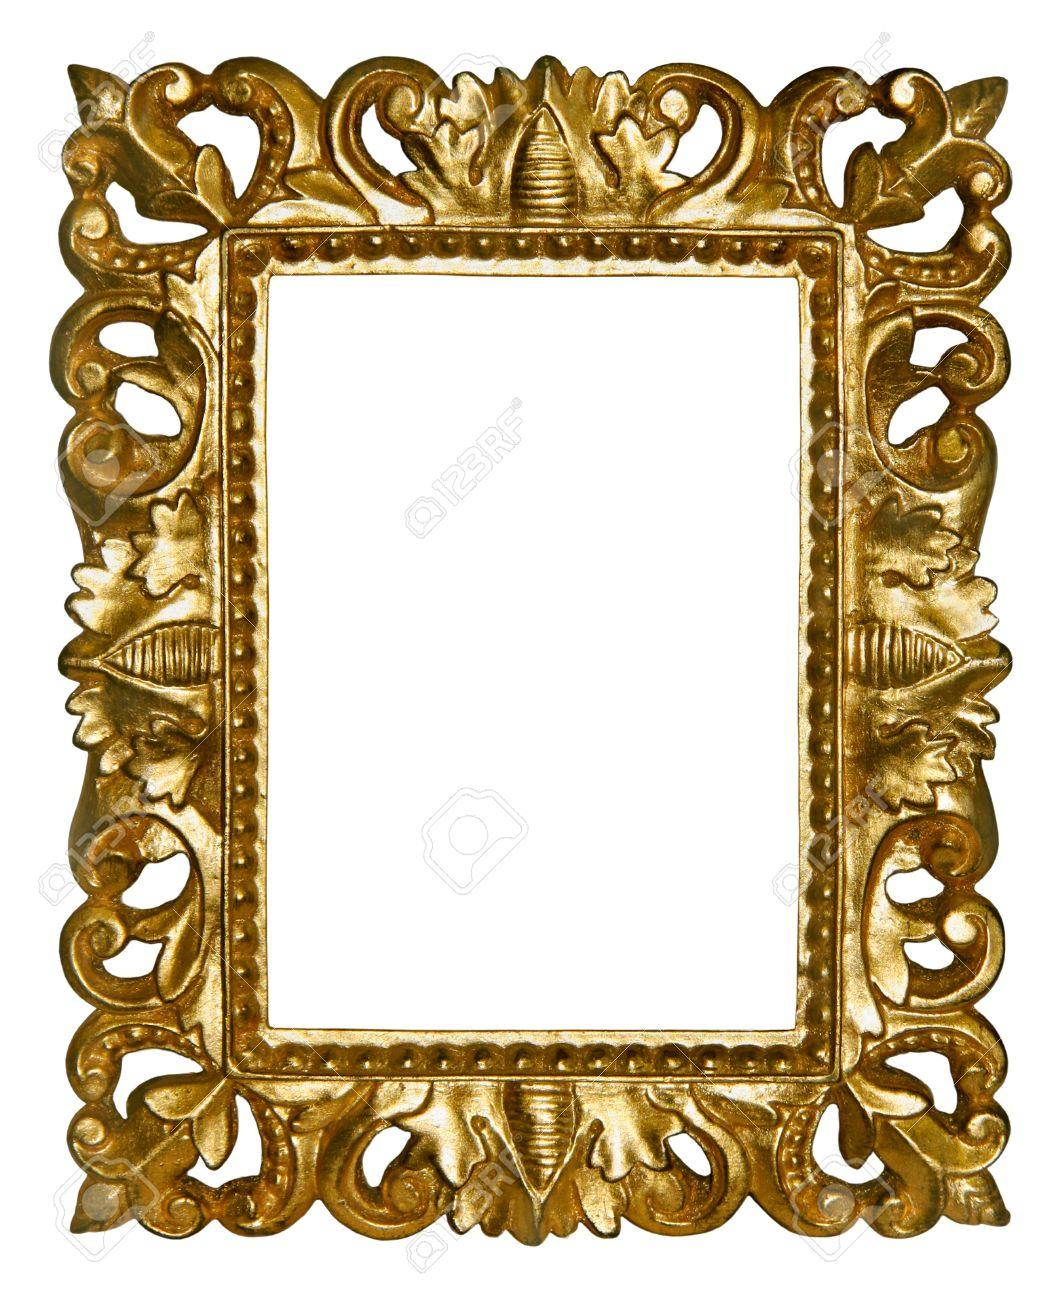 Gold Bilderrahmen Mit Schönen Schnitzereien Lizenzfreie Fotos ...